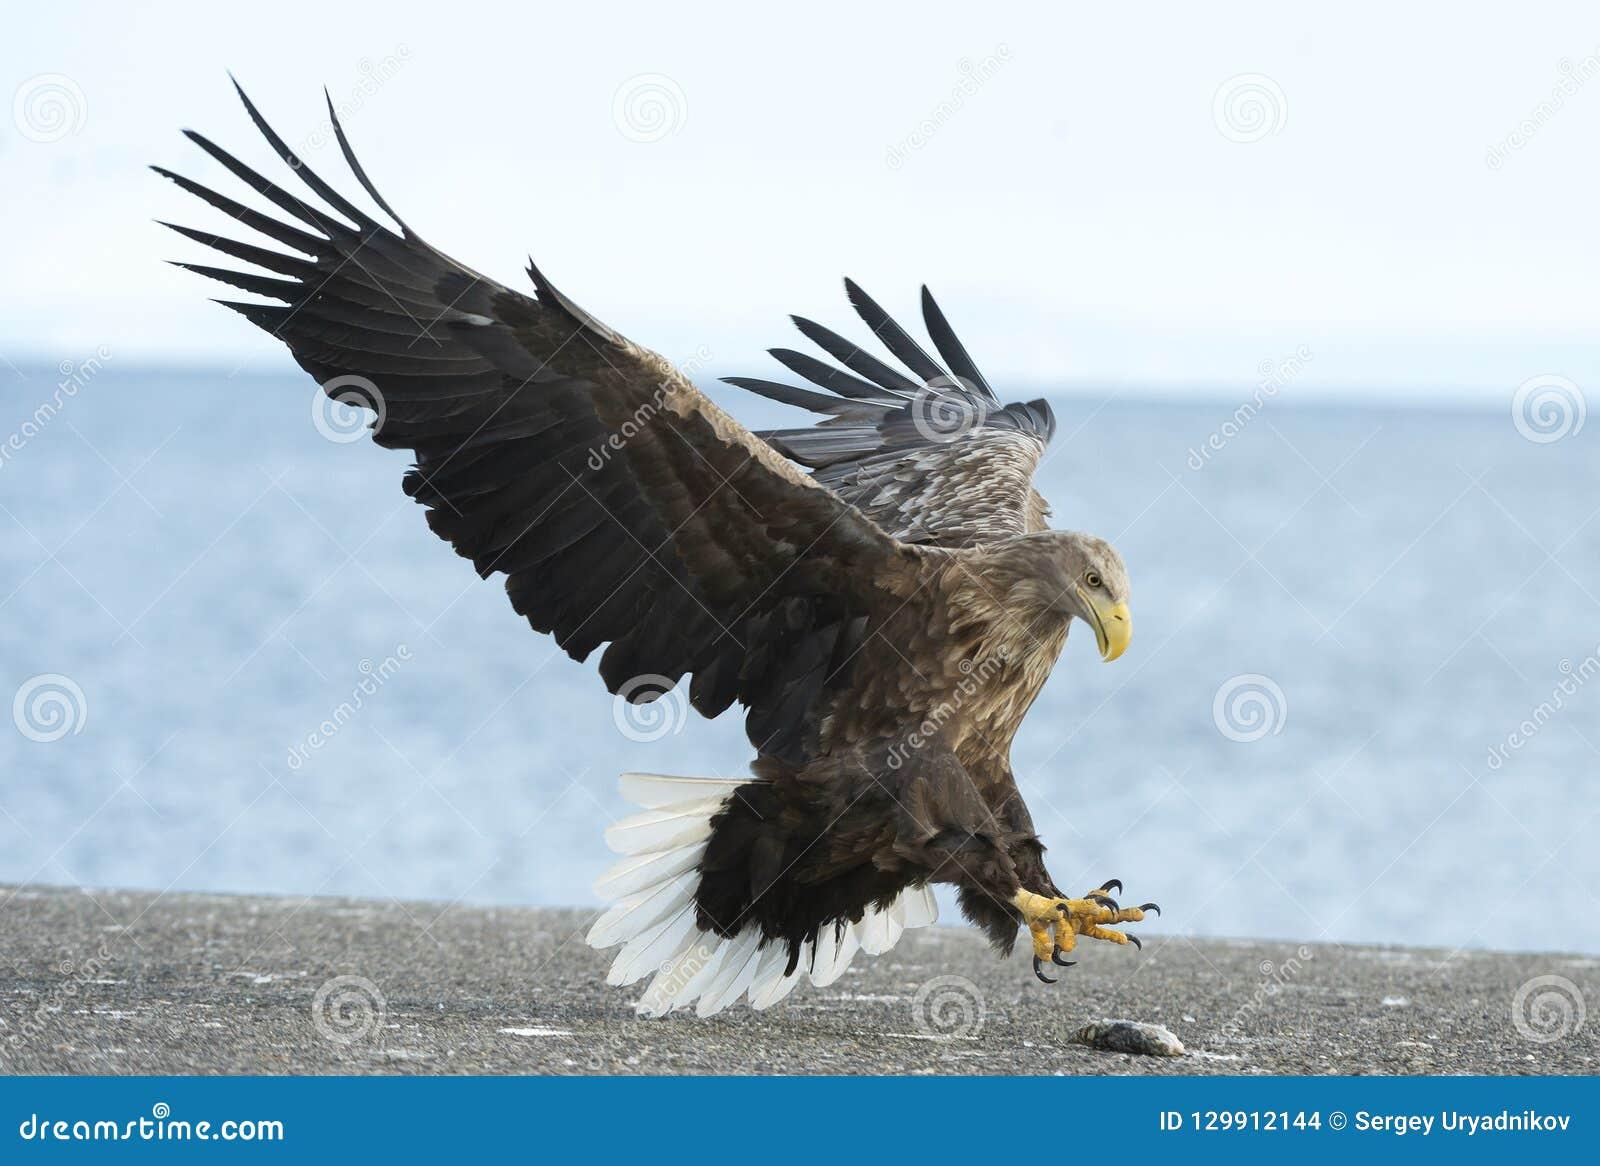 Erwachsener weißer angebundener Adler landete Hintergrund des blauen Himmels und des Ozeans